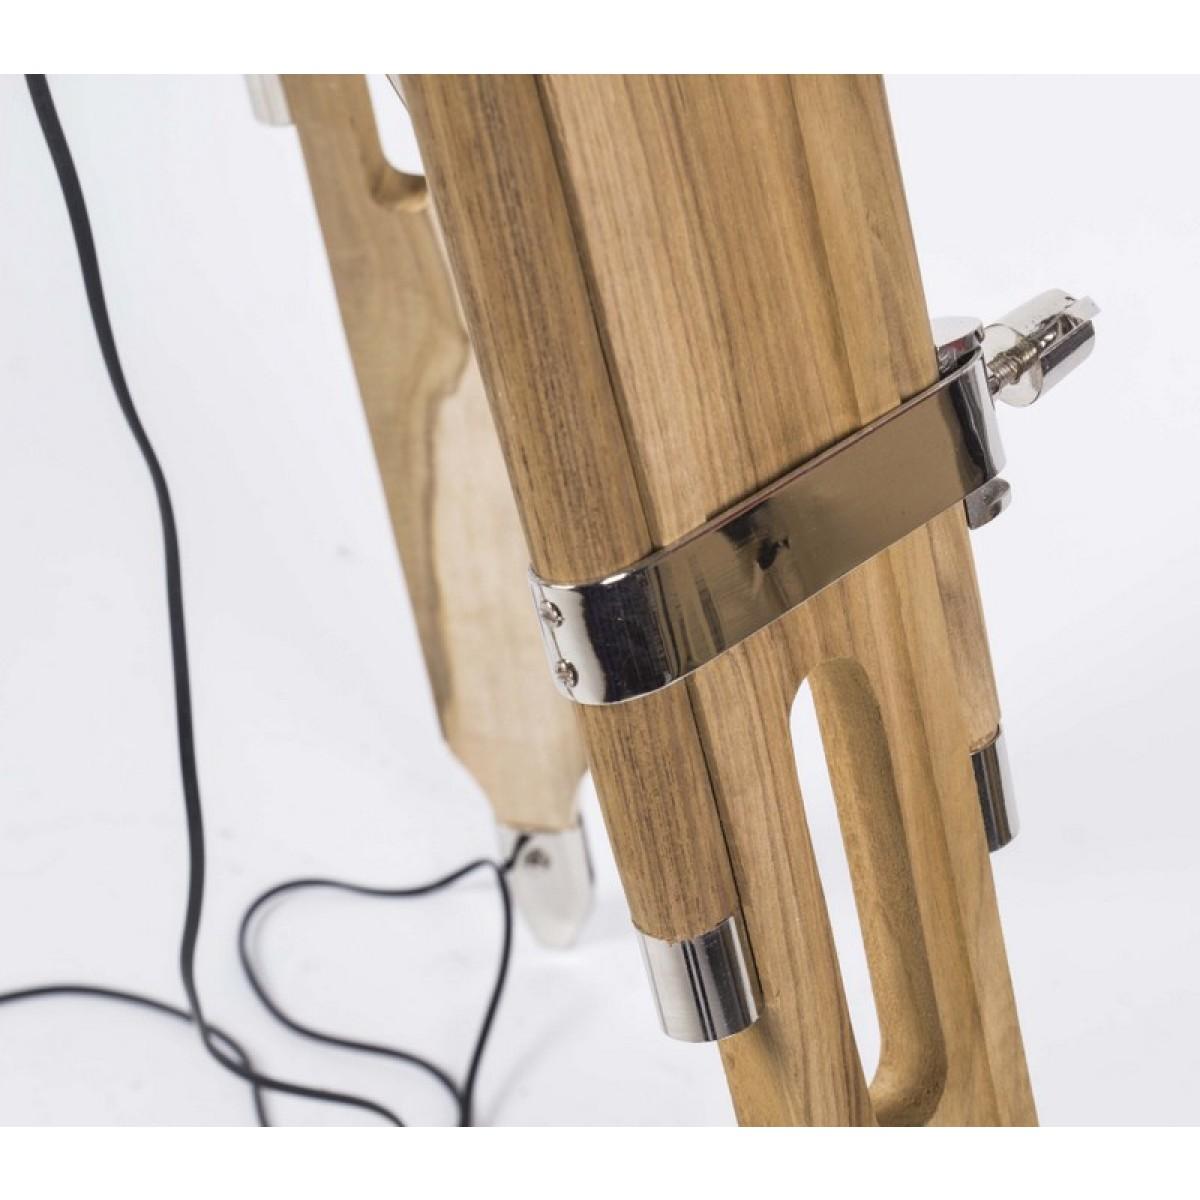 dreibein stehlampe cheap dreibein stehleuchte im retrodesign sandfarben oder mint with dreibein. Black Bedroom Furniture Sets. Home Design Ideas